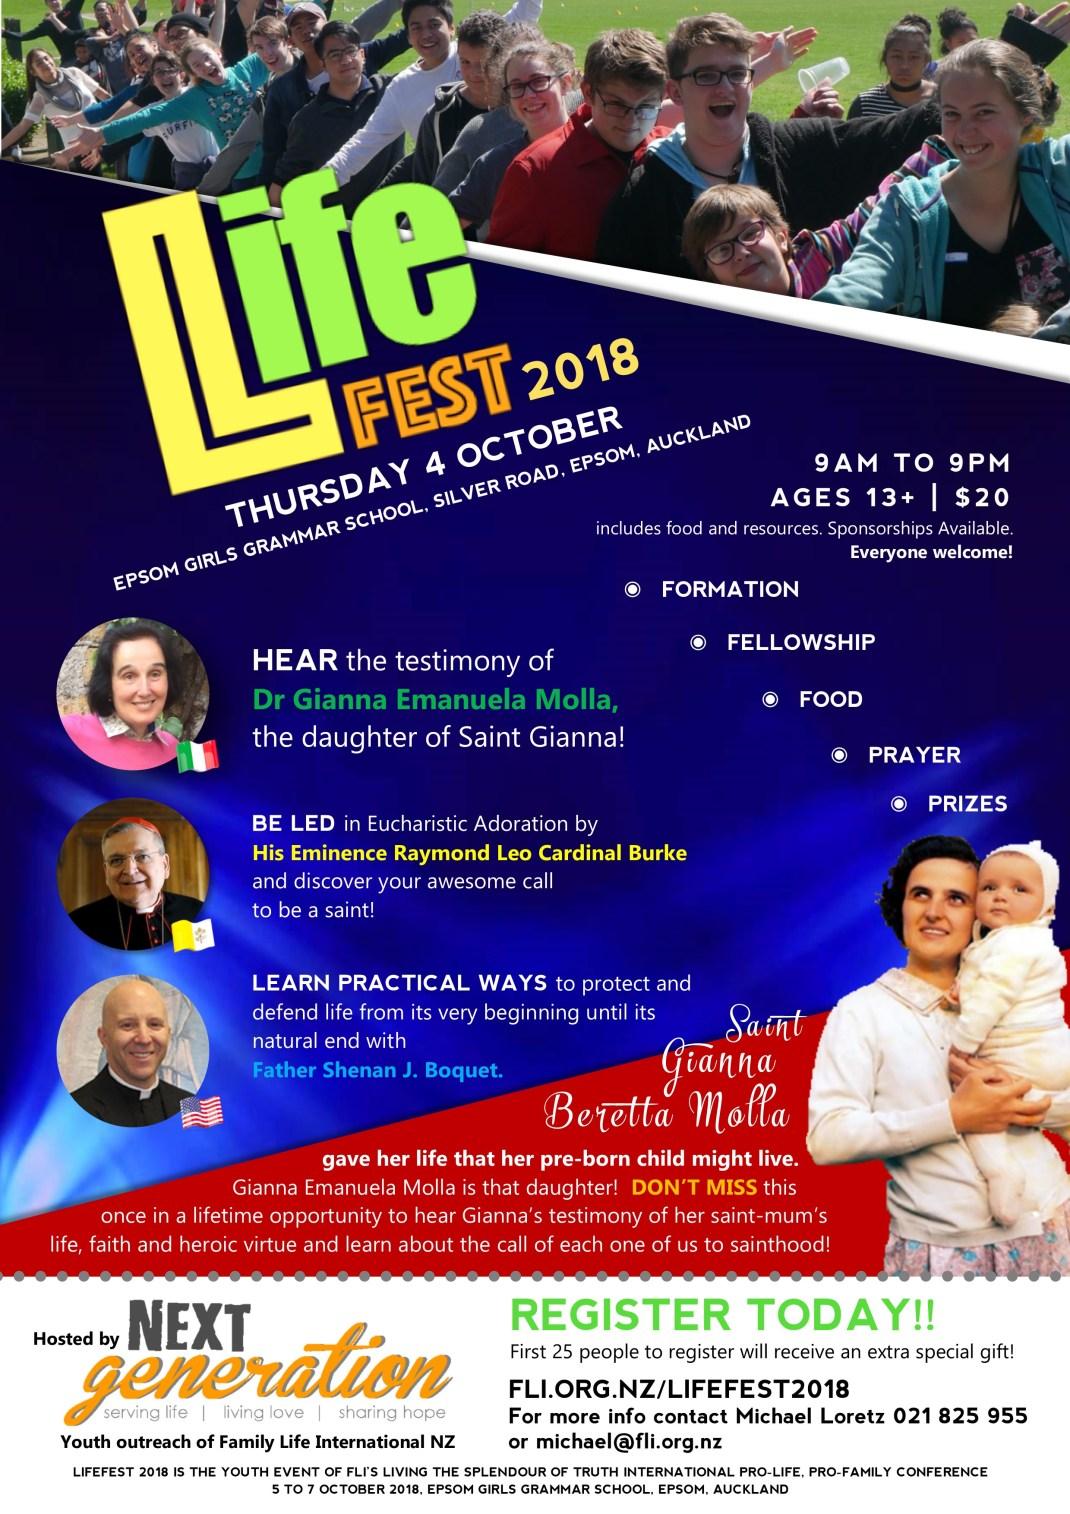 LifeFest 2018 Thursday 4 October Epsom Girls Grammar School